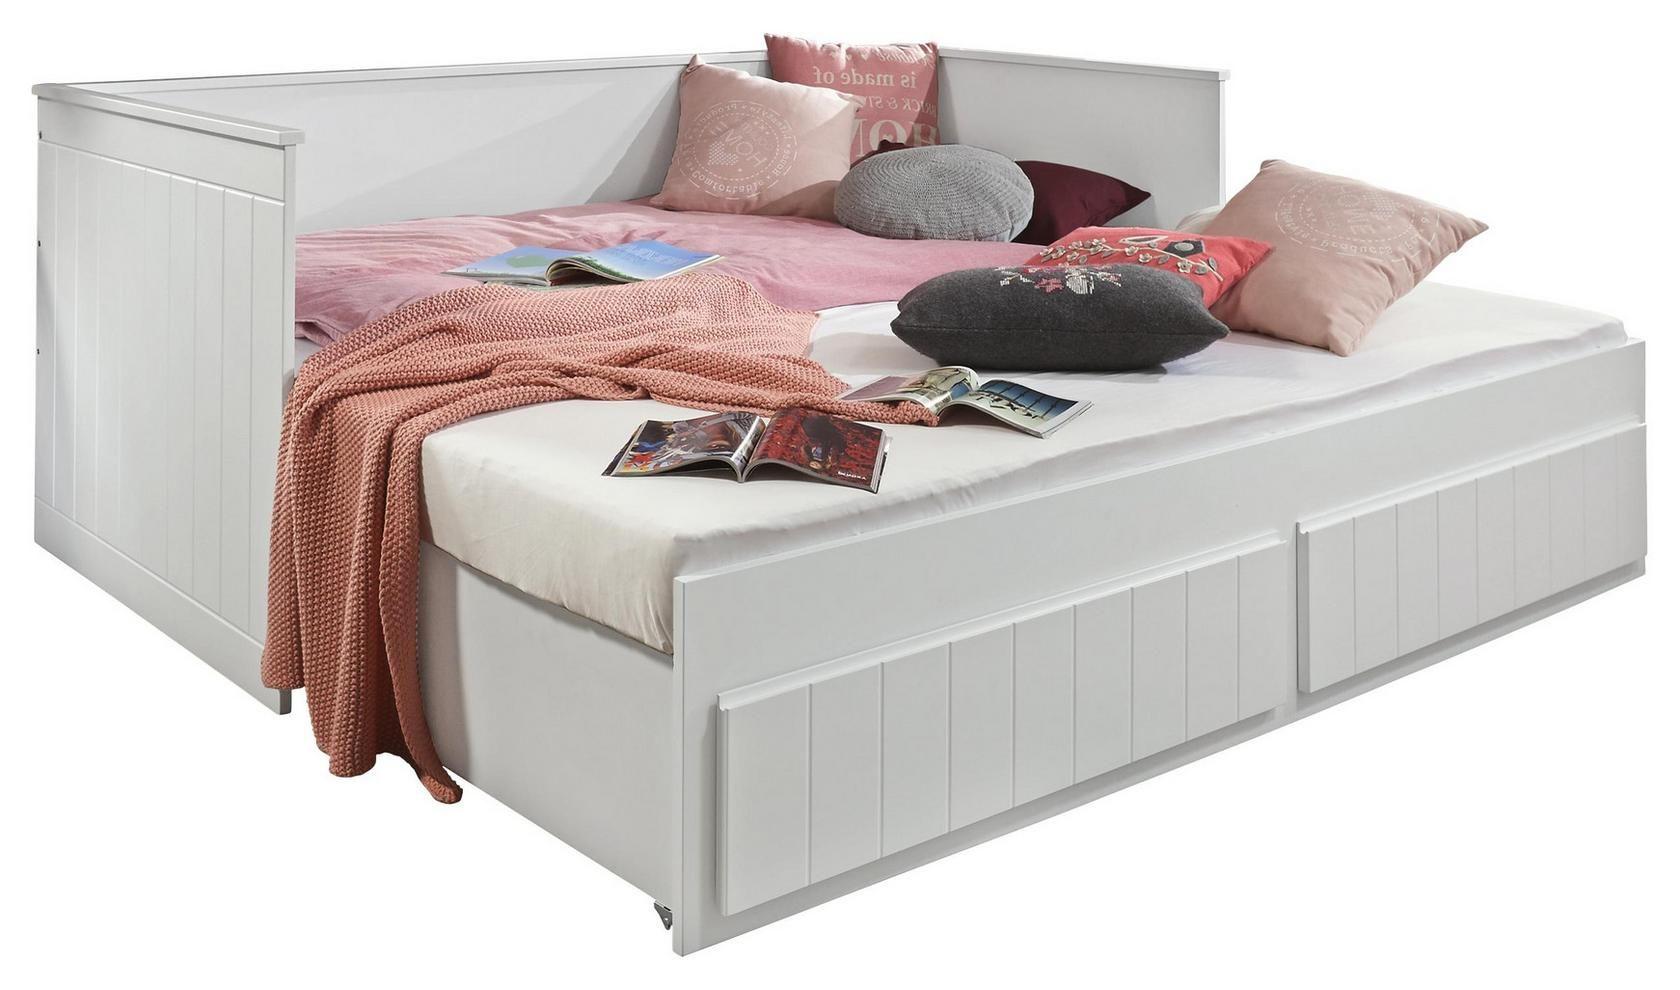 Full Size of Ausziehbares Doppelbett Ikea Ausziehbare Doppelbettcouch Stauraumbett Timmi Wei 90 180x200 Online Kaufen Mbeliin Bett Wohnzimmer Ausziehbares Doppelbett